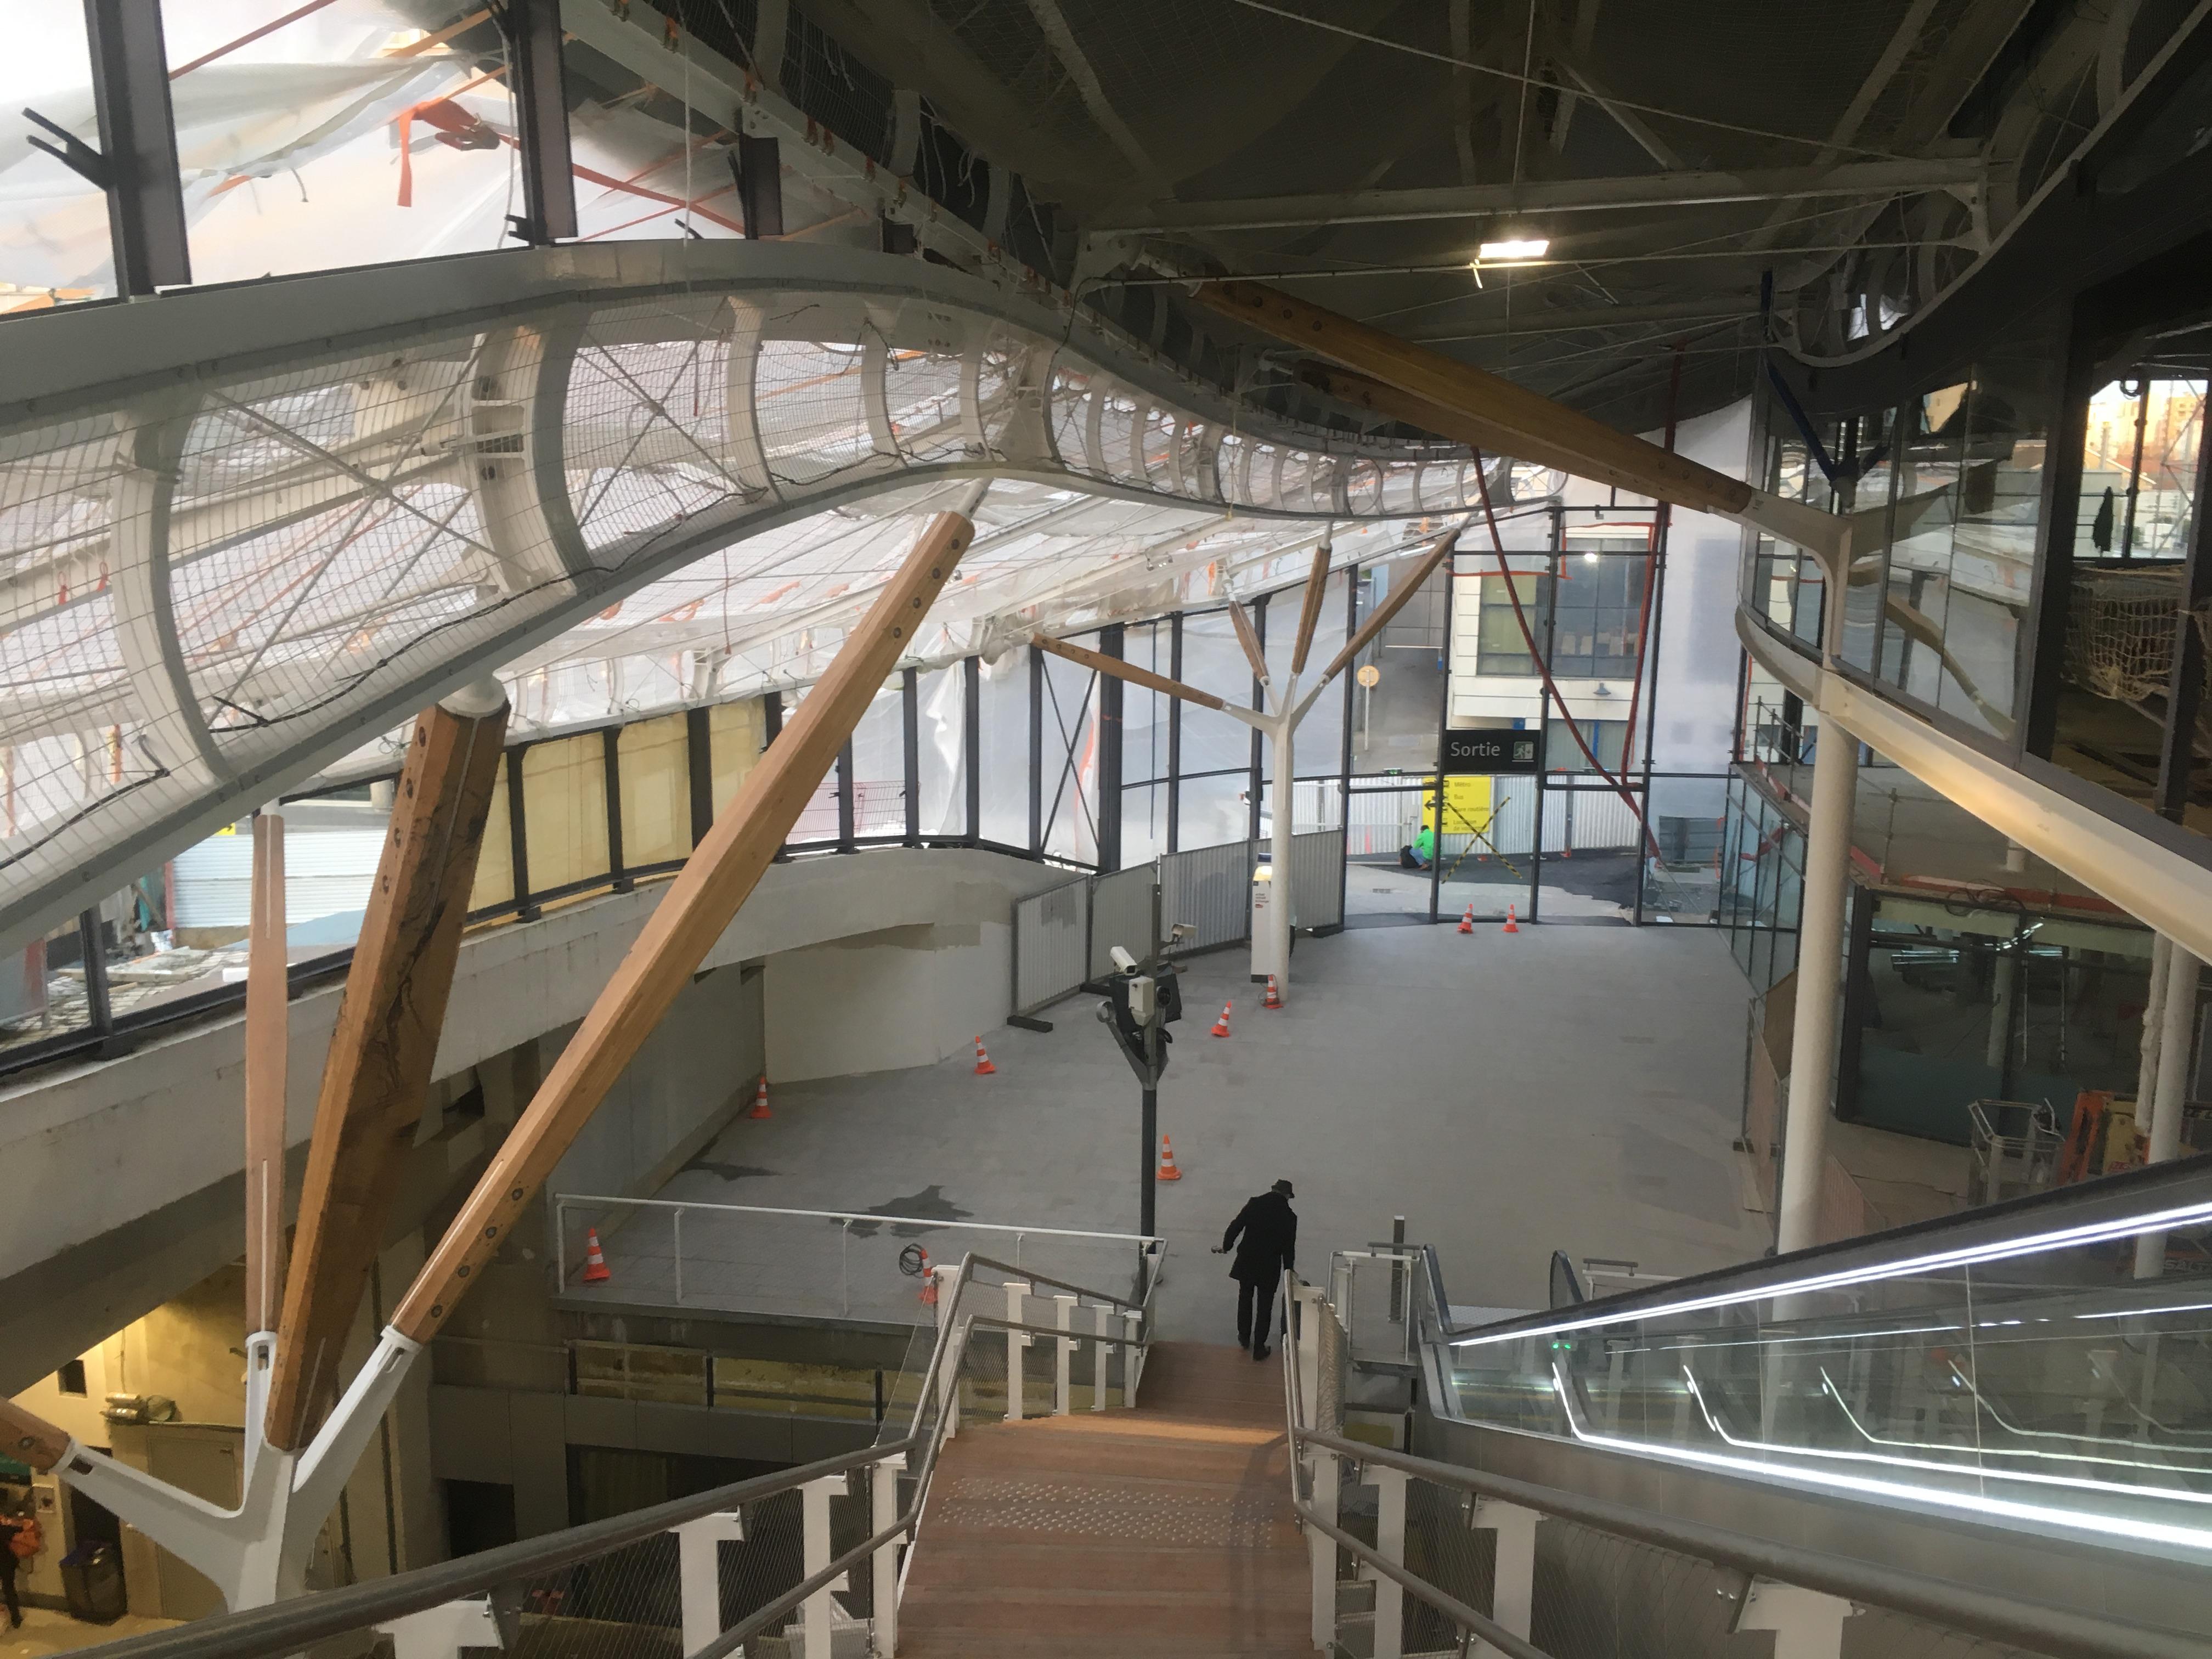 Gare de Rennes - Rénovation avril 2018 (7).jpg Français : Aperçu de la rénovation de la Gare de Rennes prise en avril 2018 Date 5 April 2018